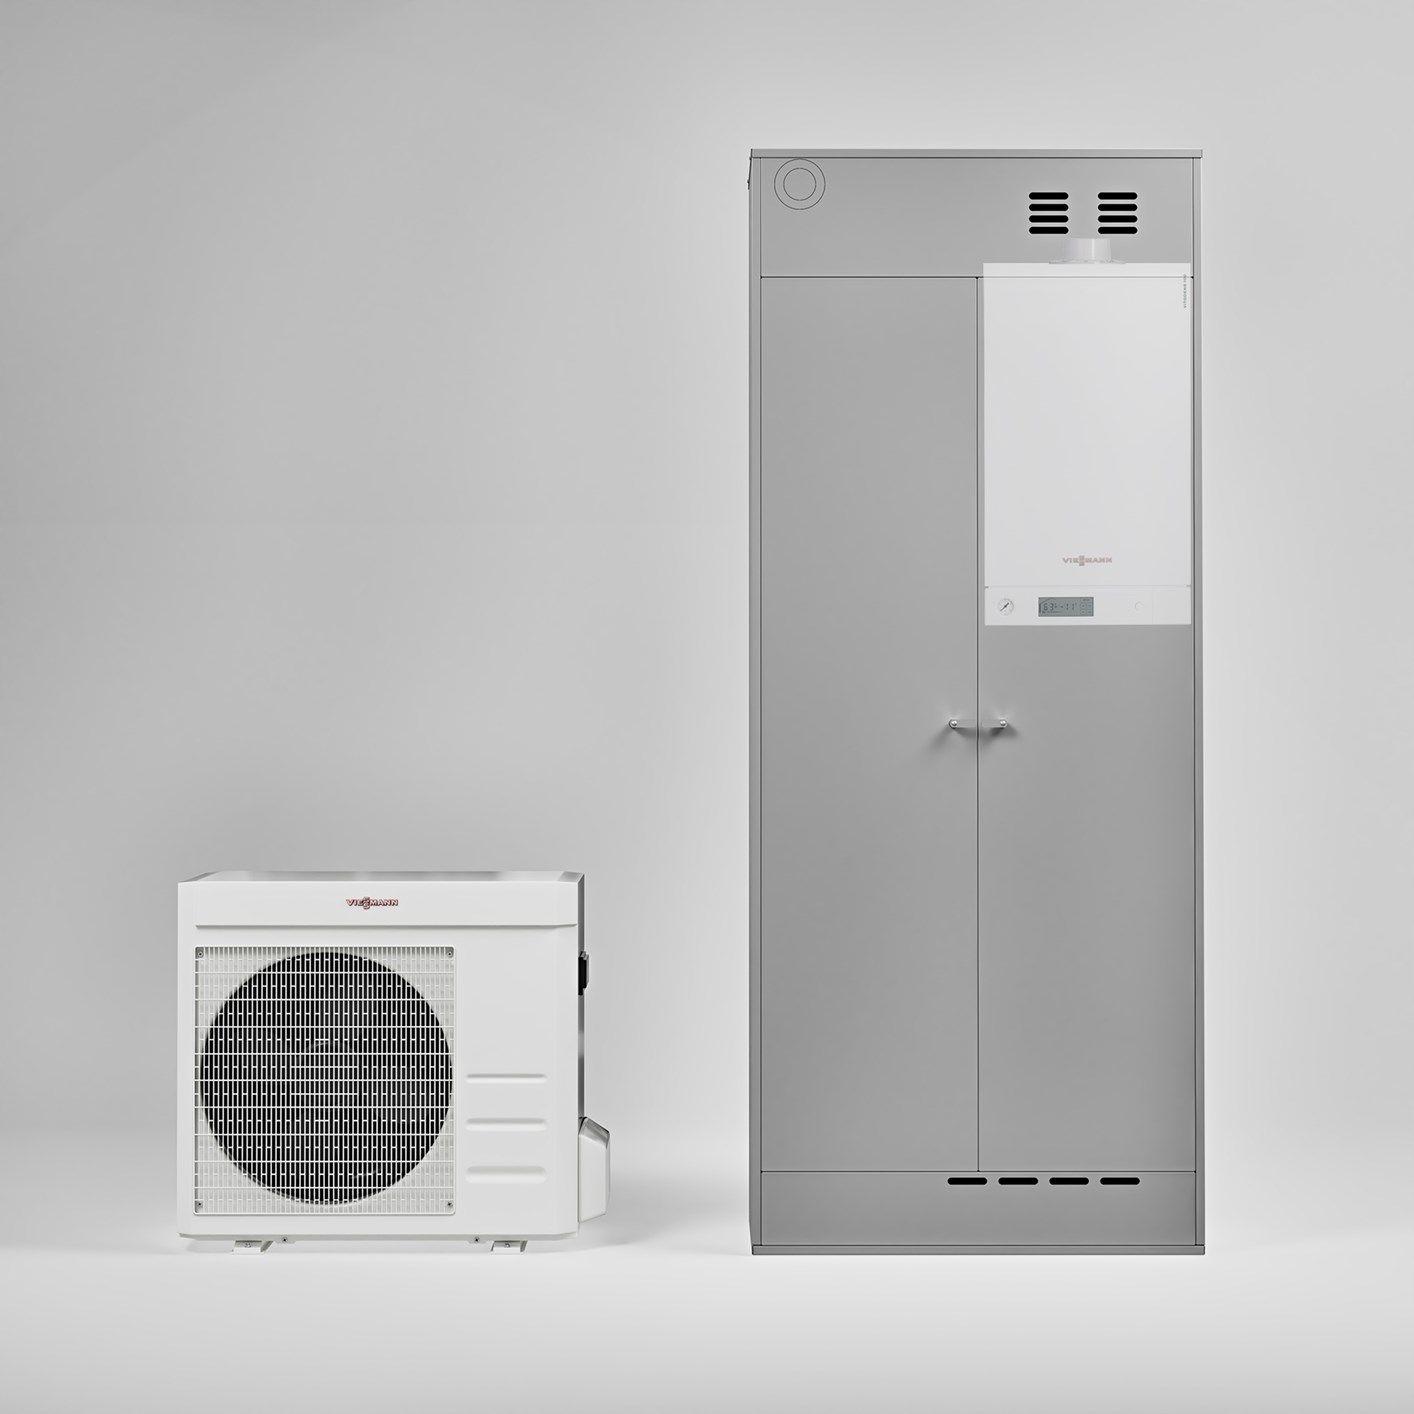 Pompa Di Calore Ventilconvettori nuove pompe di calore da incasso viessmann: tanto spazio in